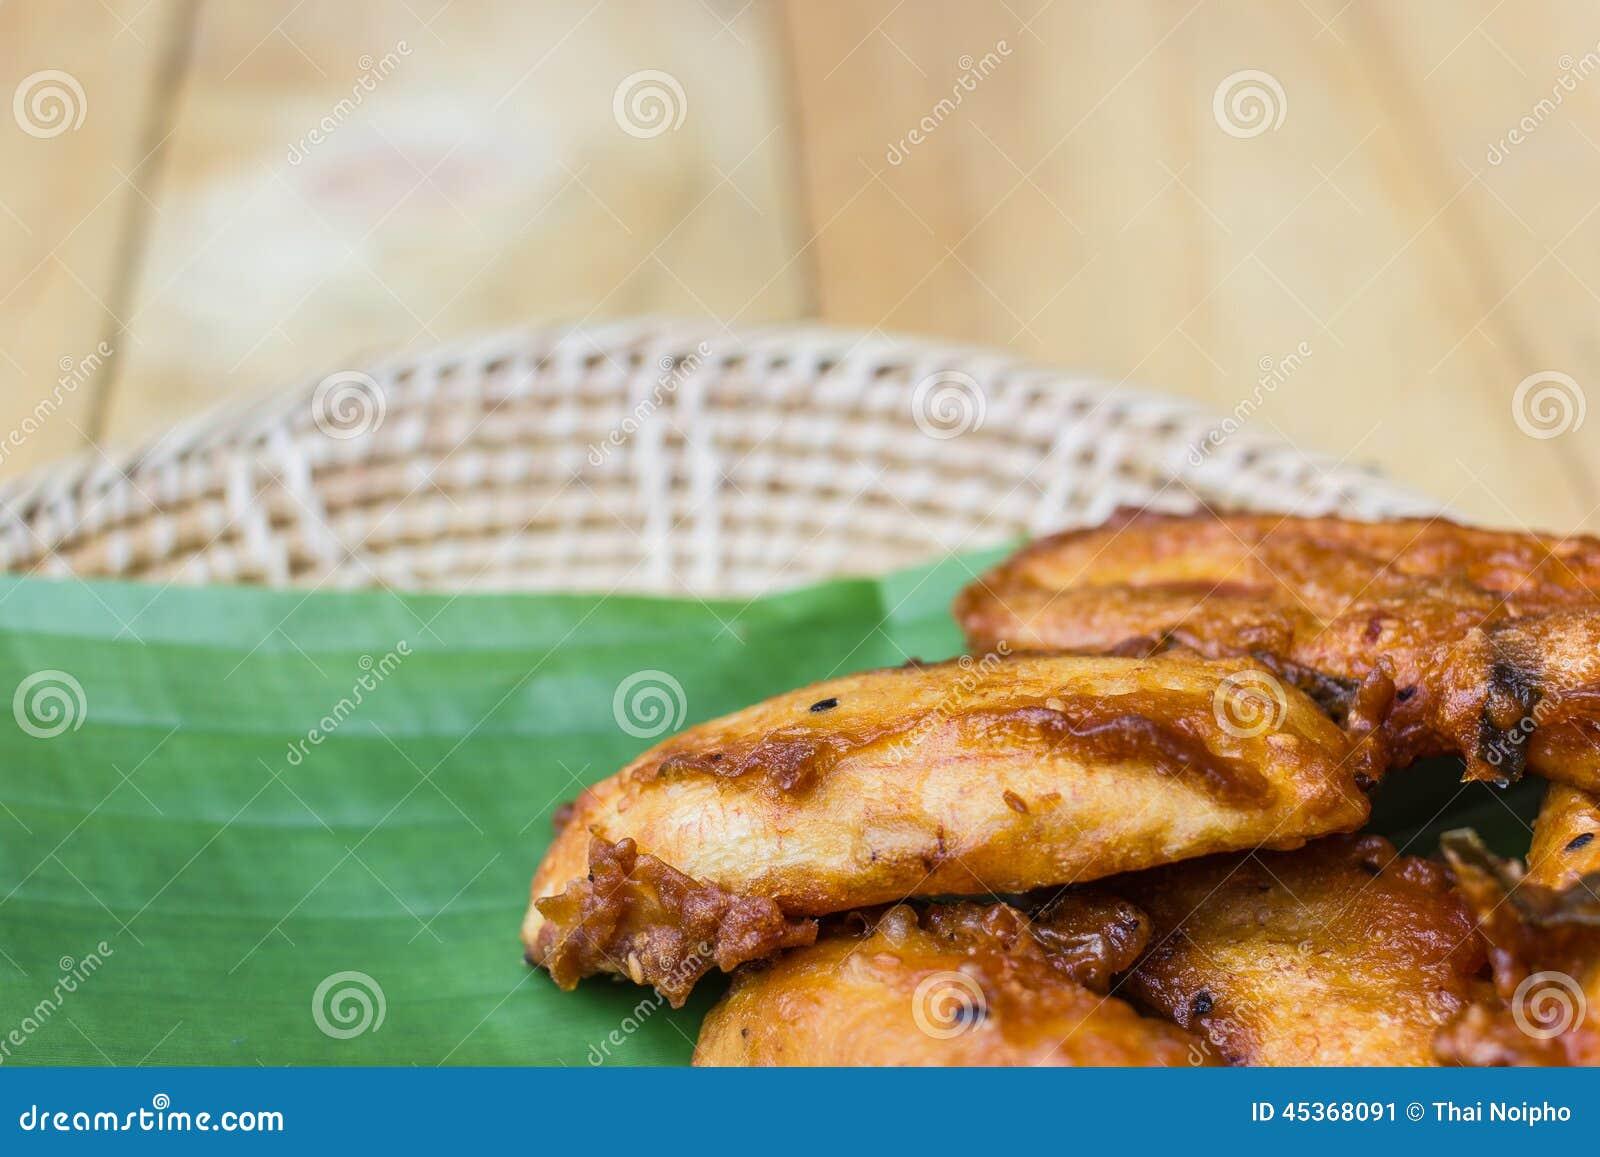 Fried Banana avec la feuille de banane